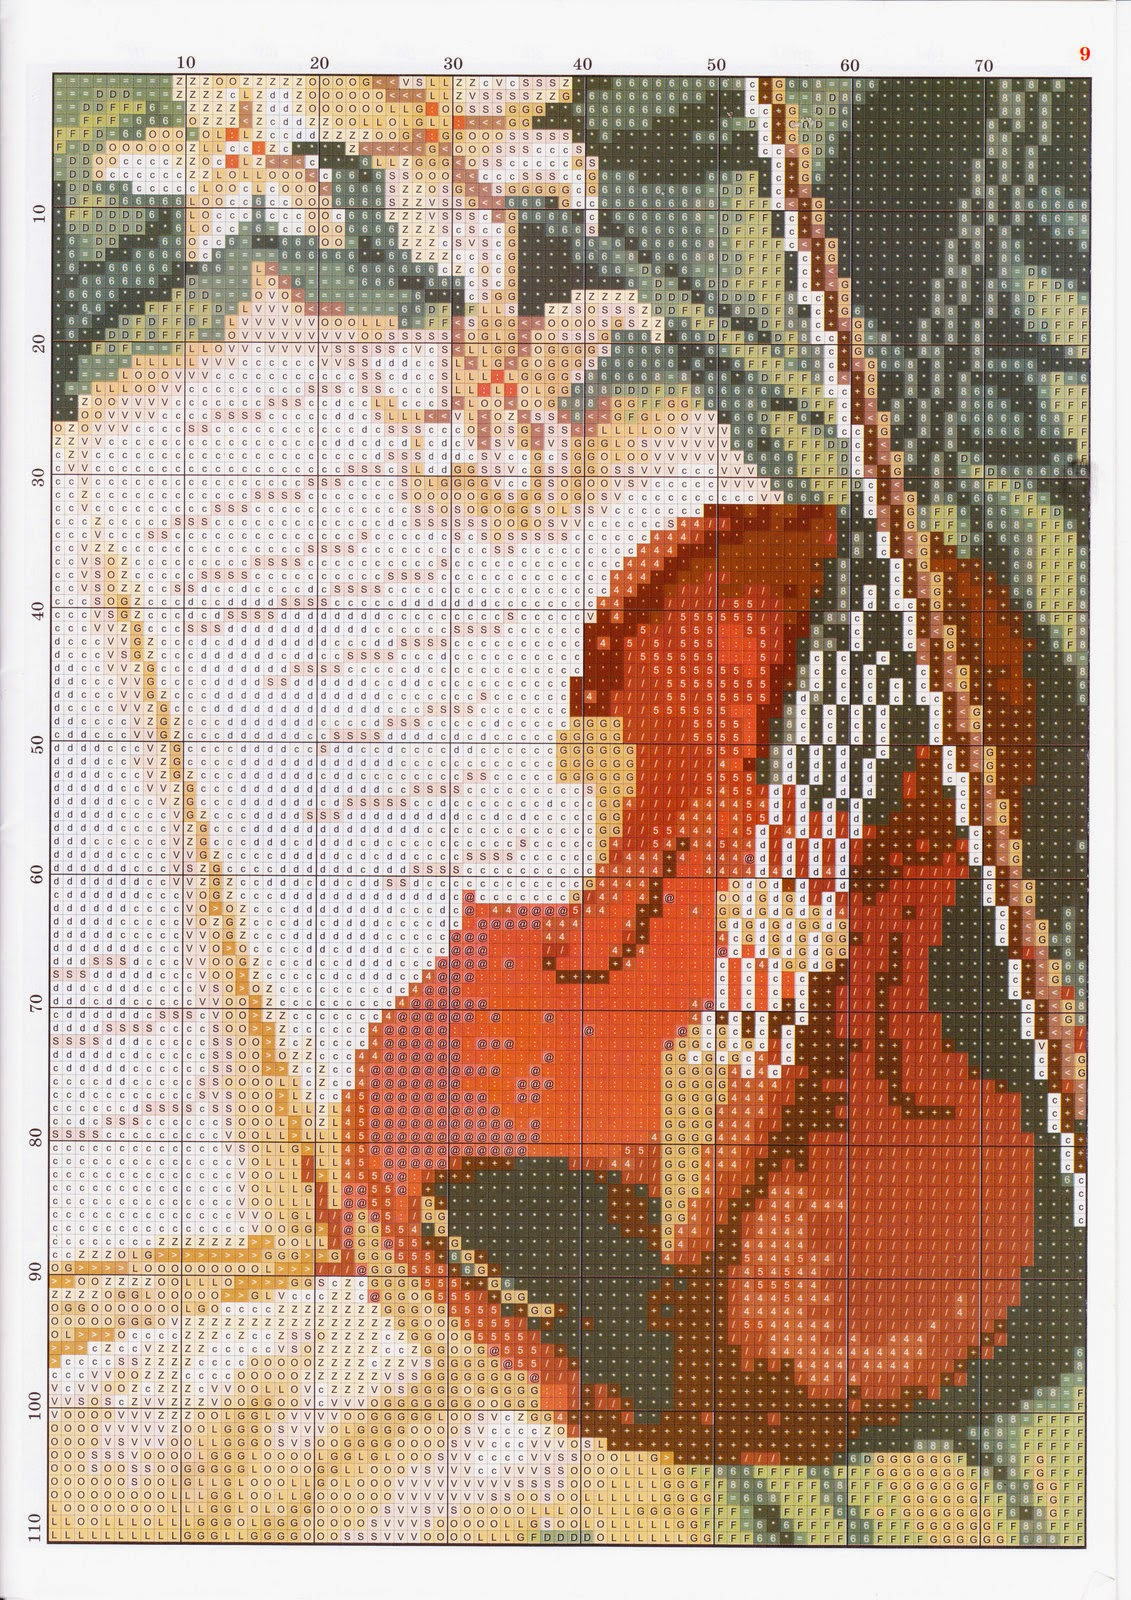 Hada moreover Piano De Cola additionally Moldes De Mariposas En Punto De Cruz as well Violin together with Pajaros Y Arbol. on punto de cruz gratis